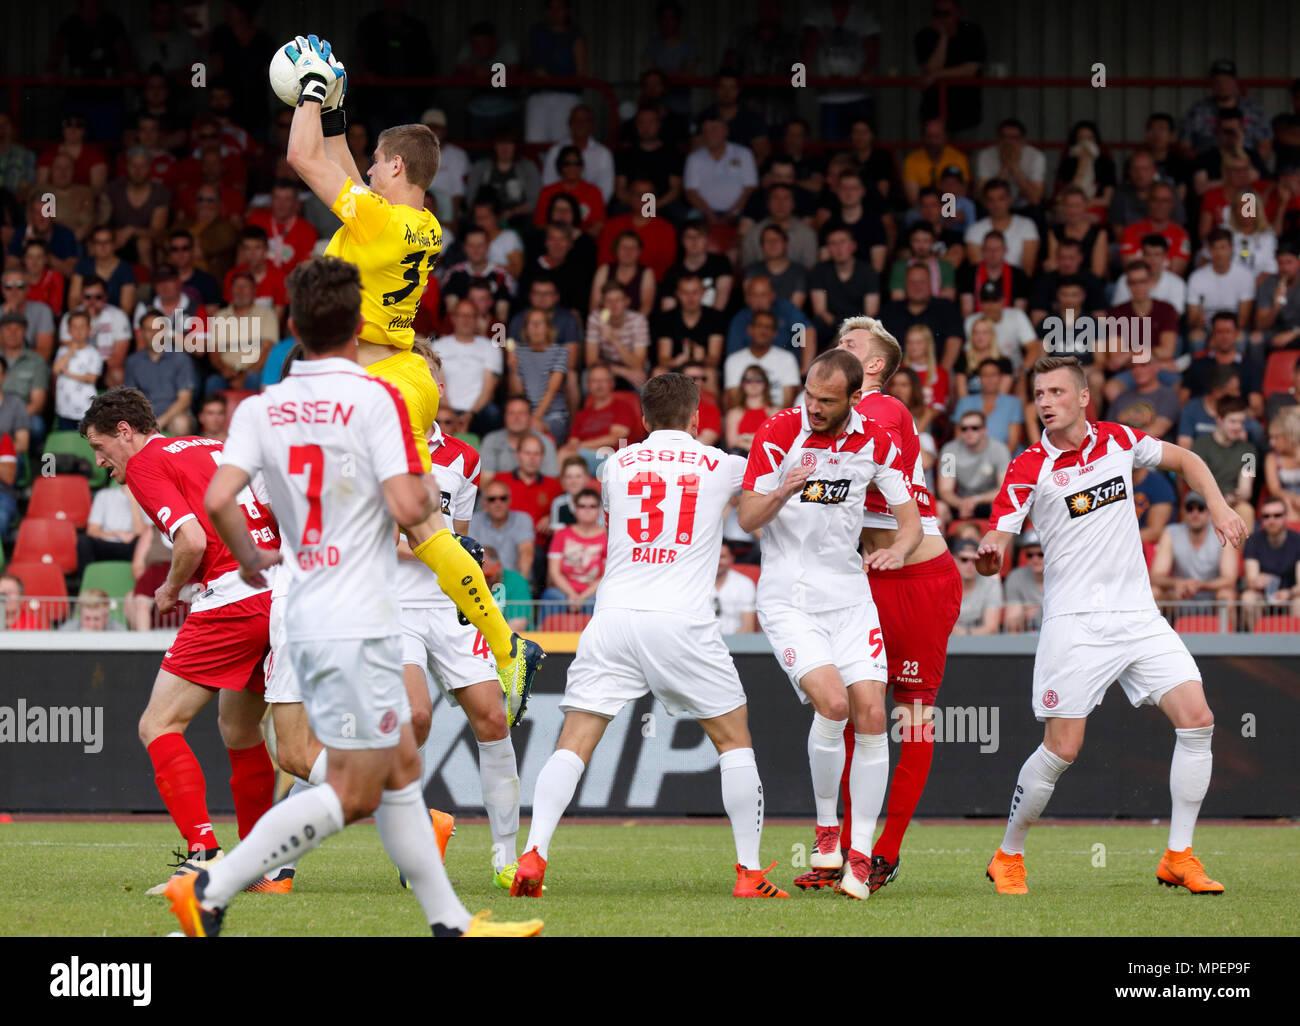 sports, football, Lower Rhine Cup, 2017/2018, final, Rot-Weiss Oberhausen vs Rot Weiss Essen 2:1, Stadium Niederrhein Oberhausen, scene of the match, f.l.t.r. Robert Flessers (RWO), Kevin Grund (RWE), keeper Robin Heller (RWE), Benjamin Baier (RWE), Robin Urban (RWE), Kai Nakowitsch (RWO), Kamil Bednarski (RWE) - Stock Image